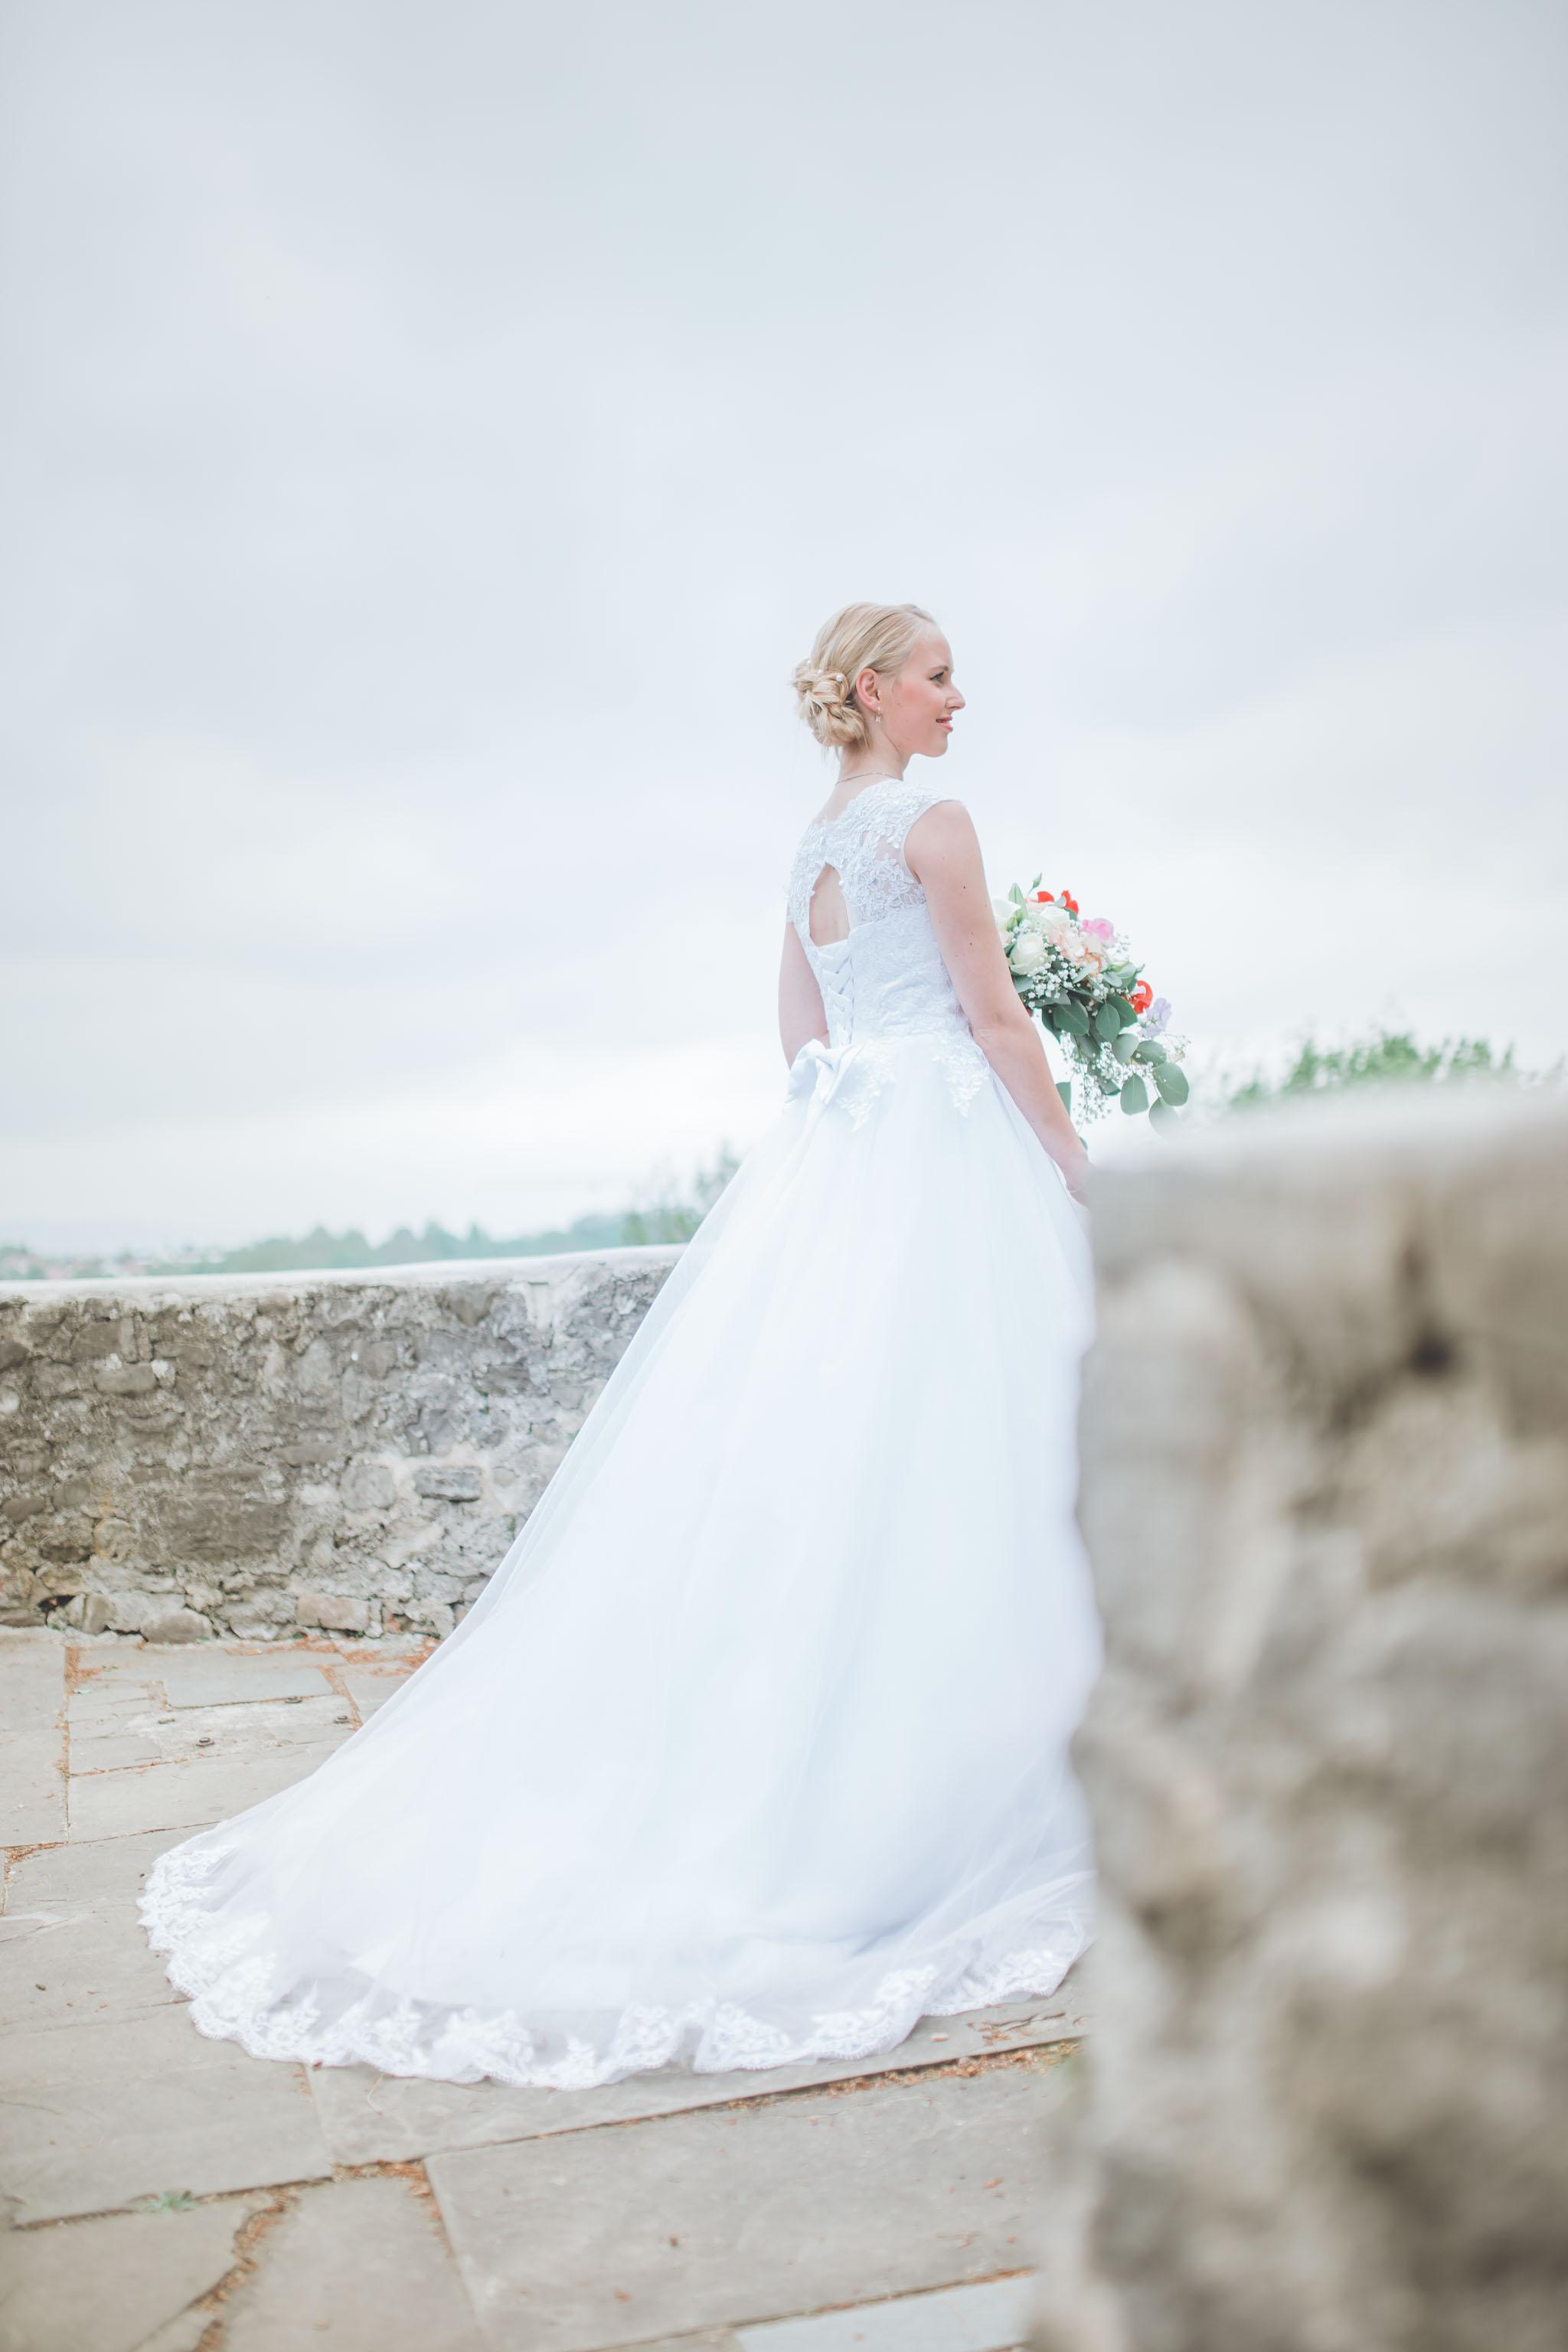 Hochzeitsfotograf Ulm Kempten-40